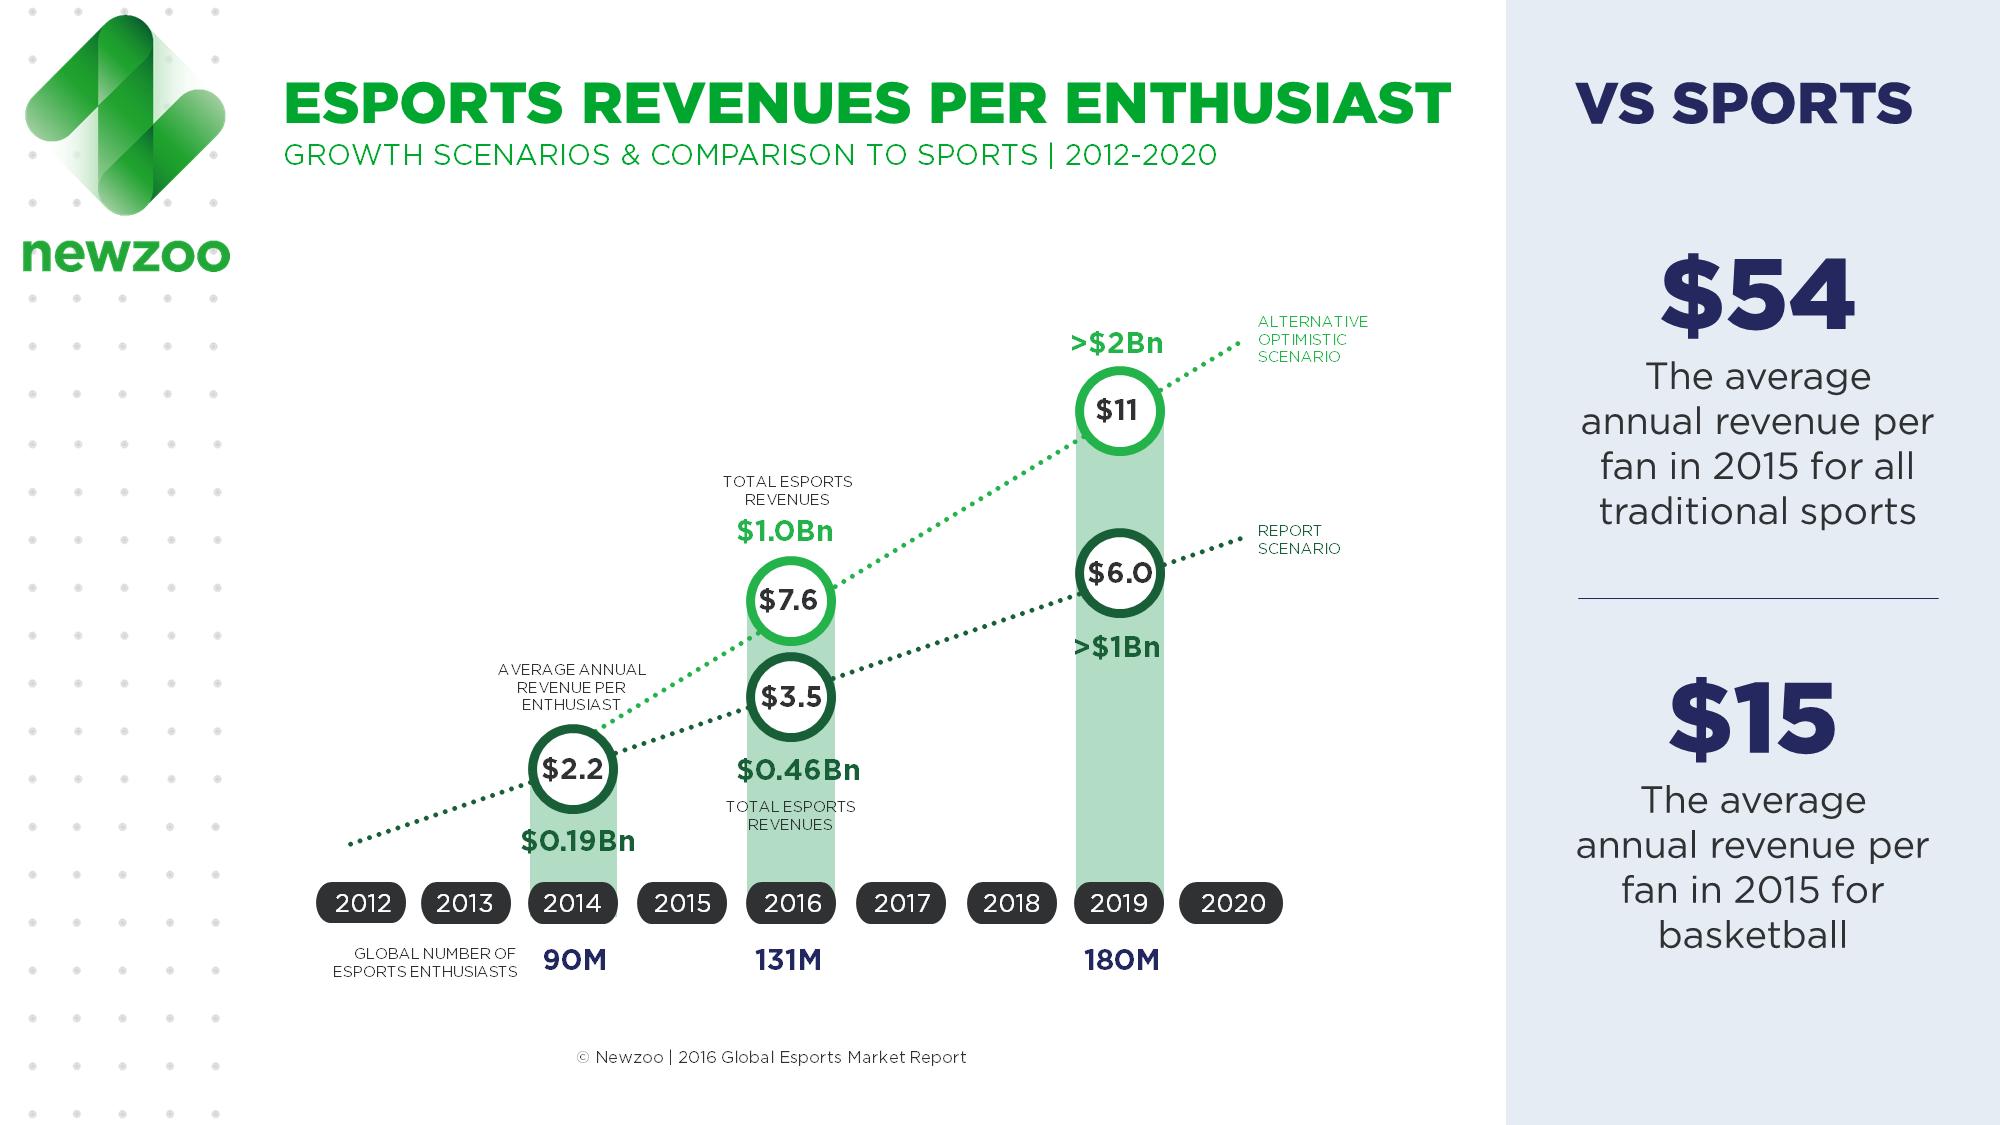 Newzoo_Esports_Report_2016_Revenues_per_Enthusiast